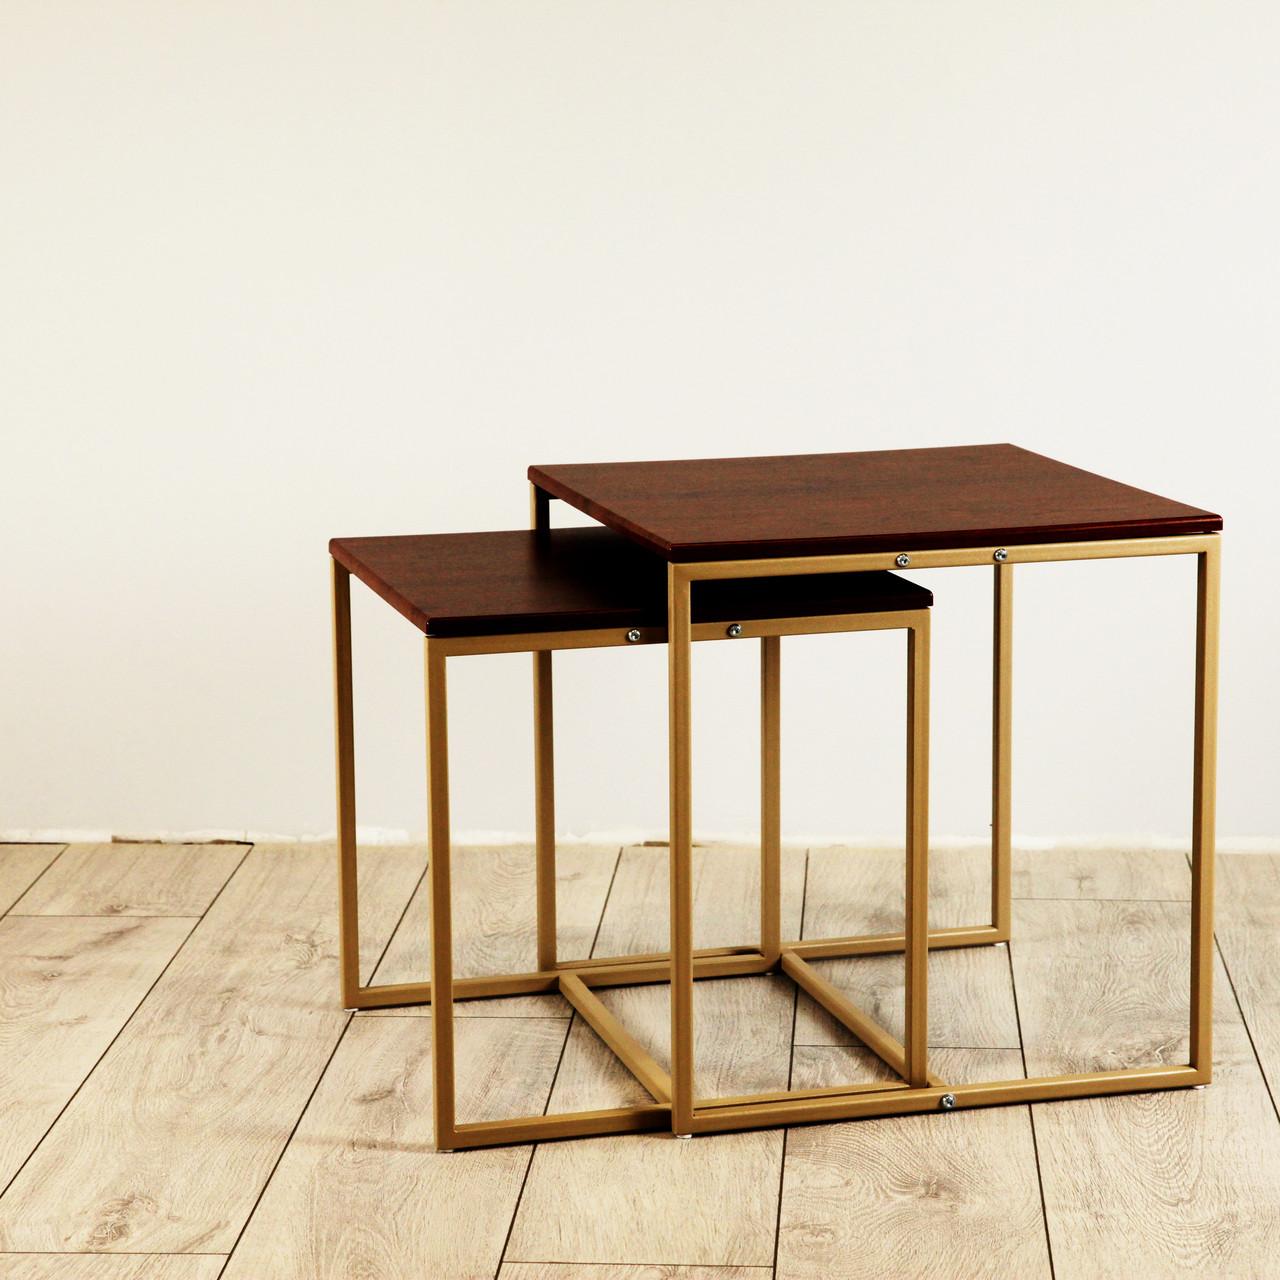 Комплект столов журнальных Куб 400 и Куб 450 - Кедр матовый / бежевый (Loft Cub kedr-beige)